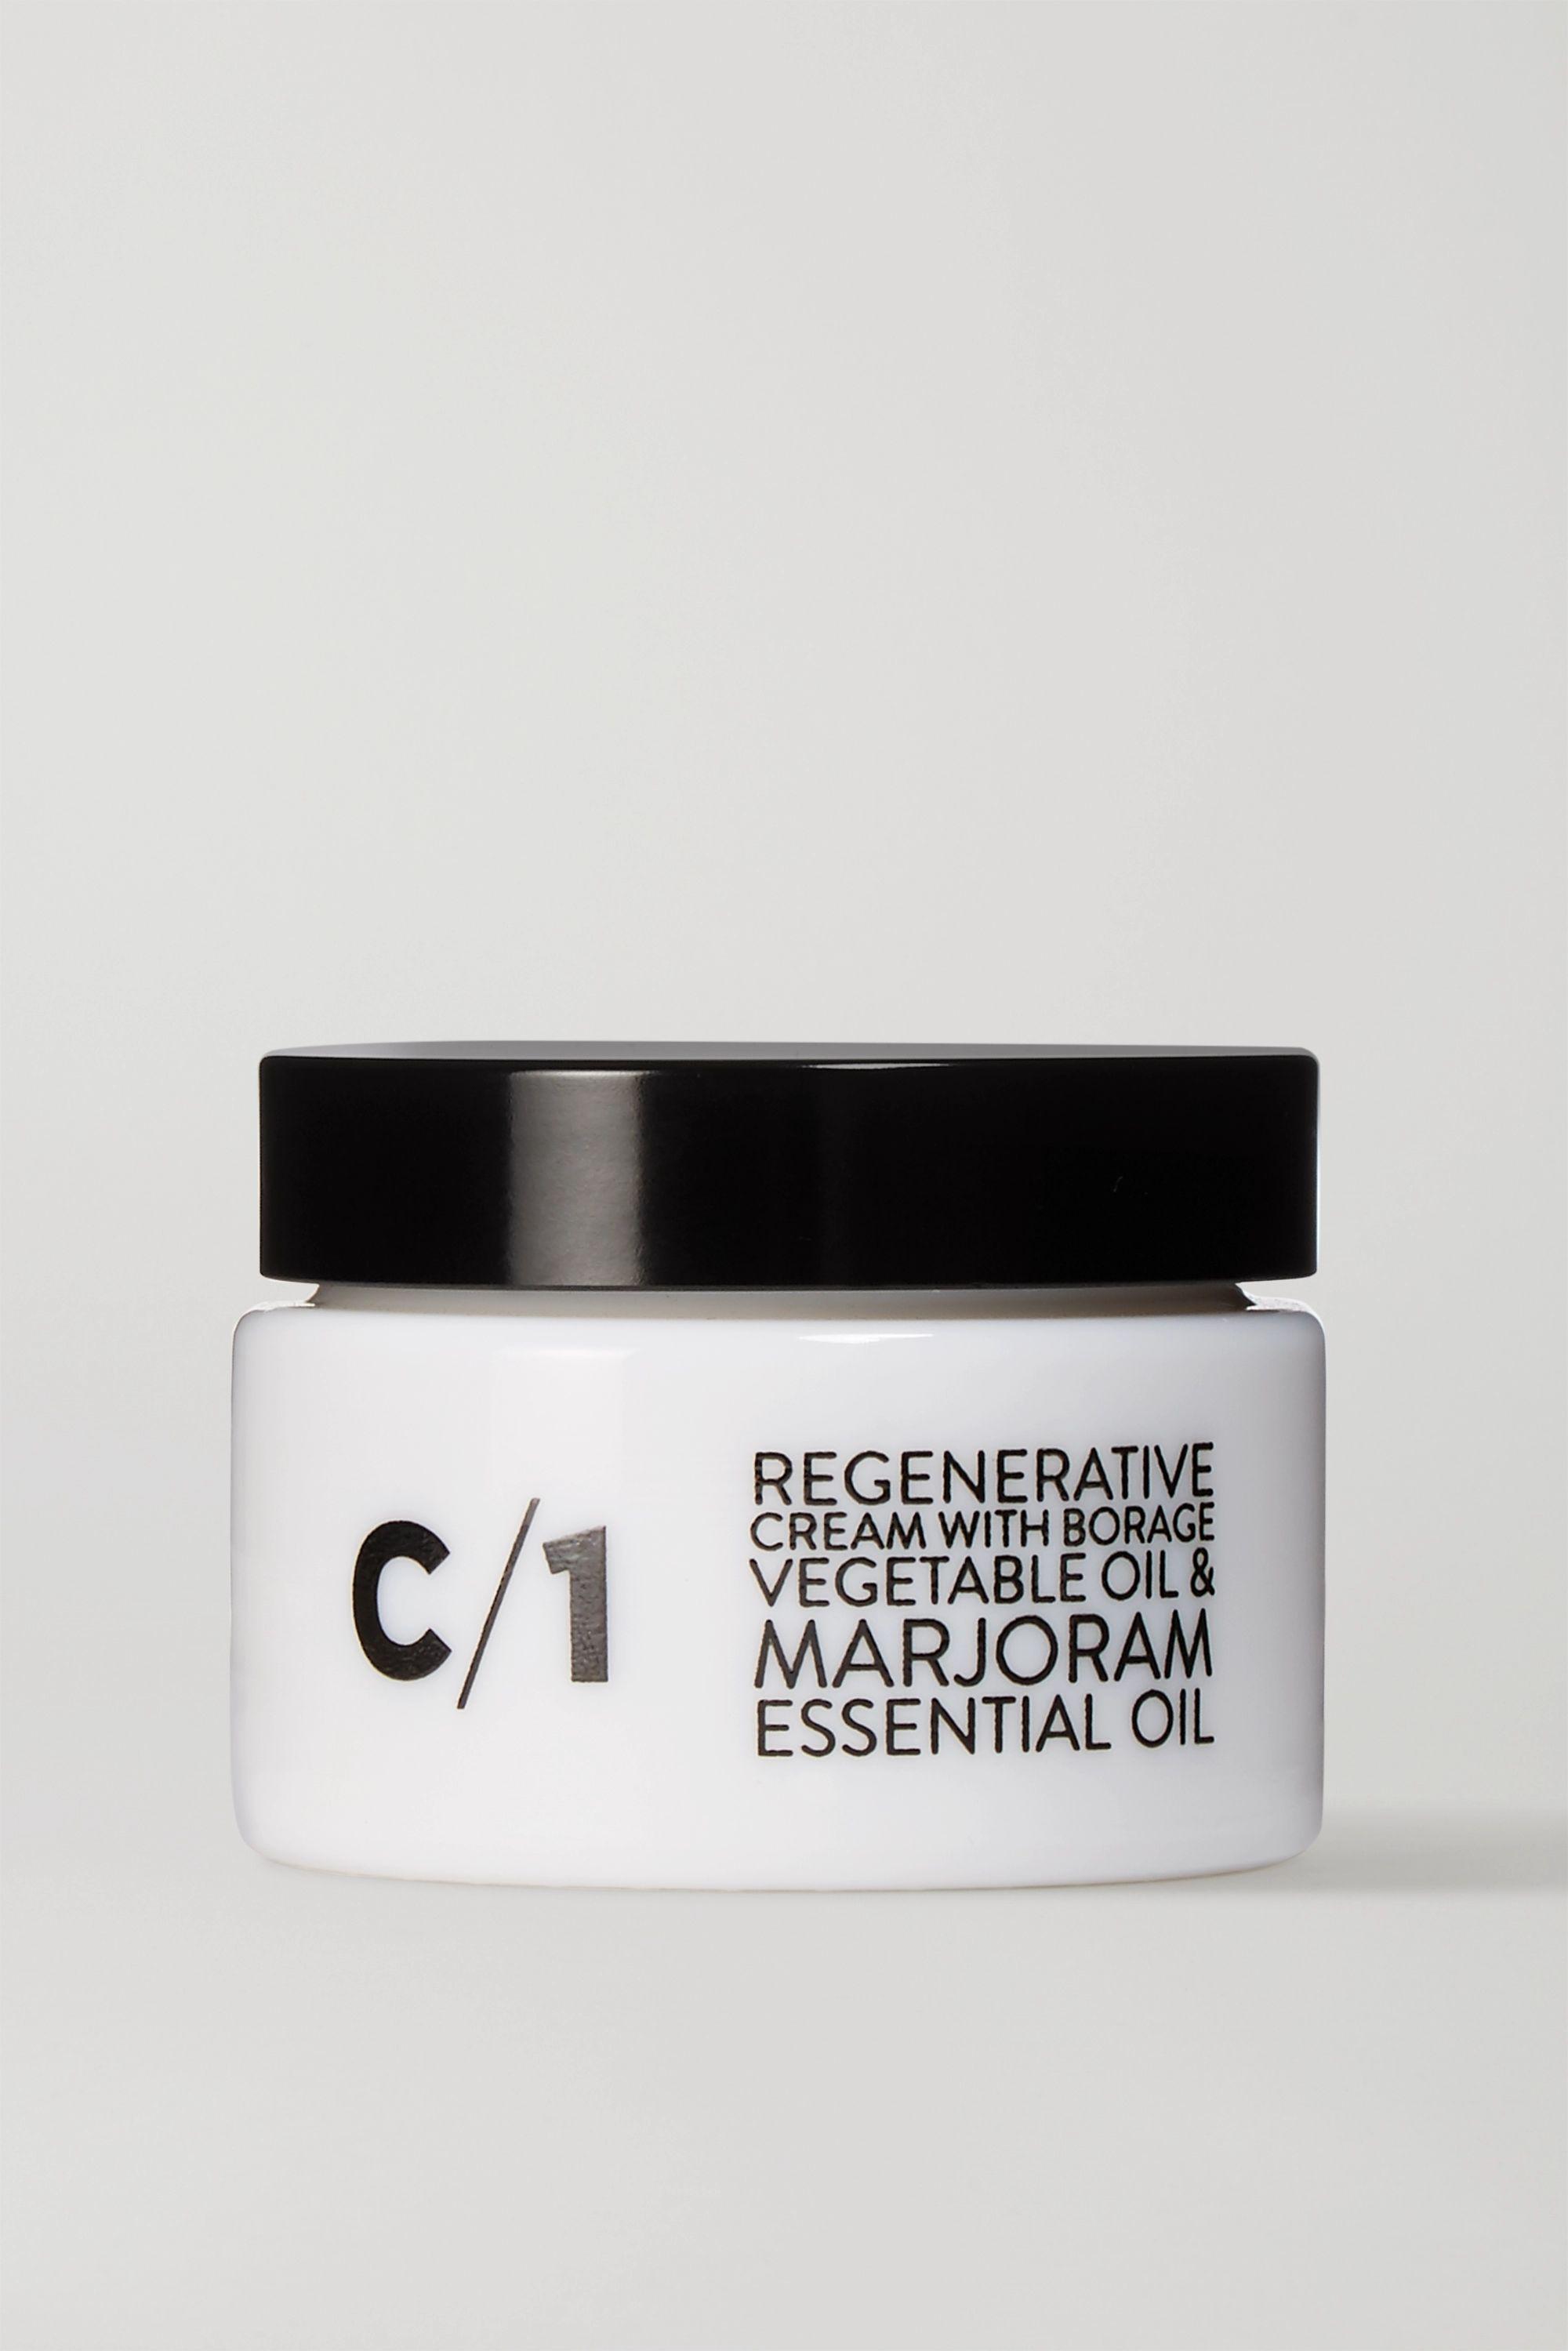 Cosmydor + NET SUSTAIN C/1 Regenerative Cream with Borage Vegetable Oil & Marjoram Essential Oil, 50ml